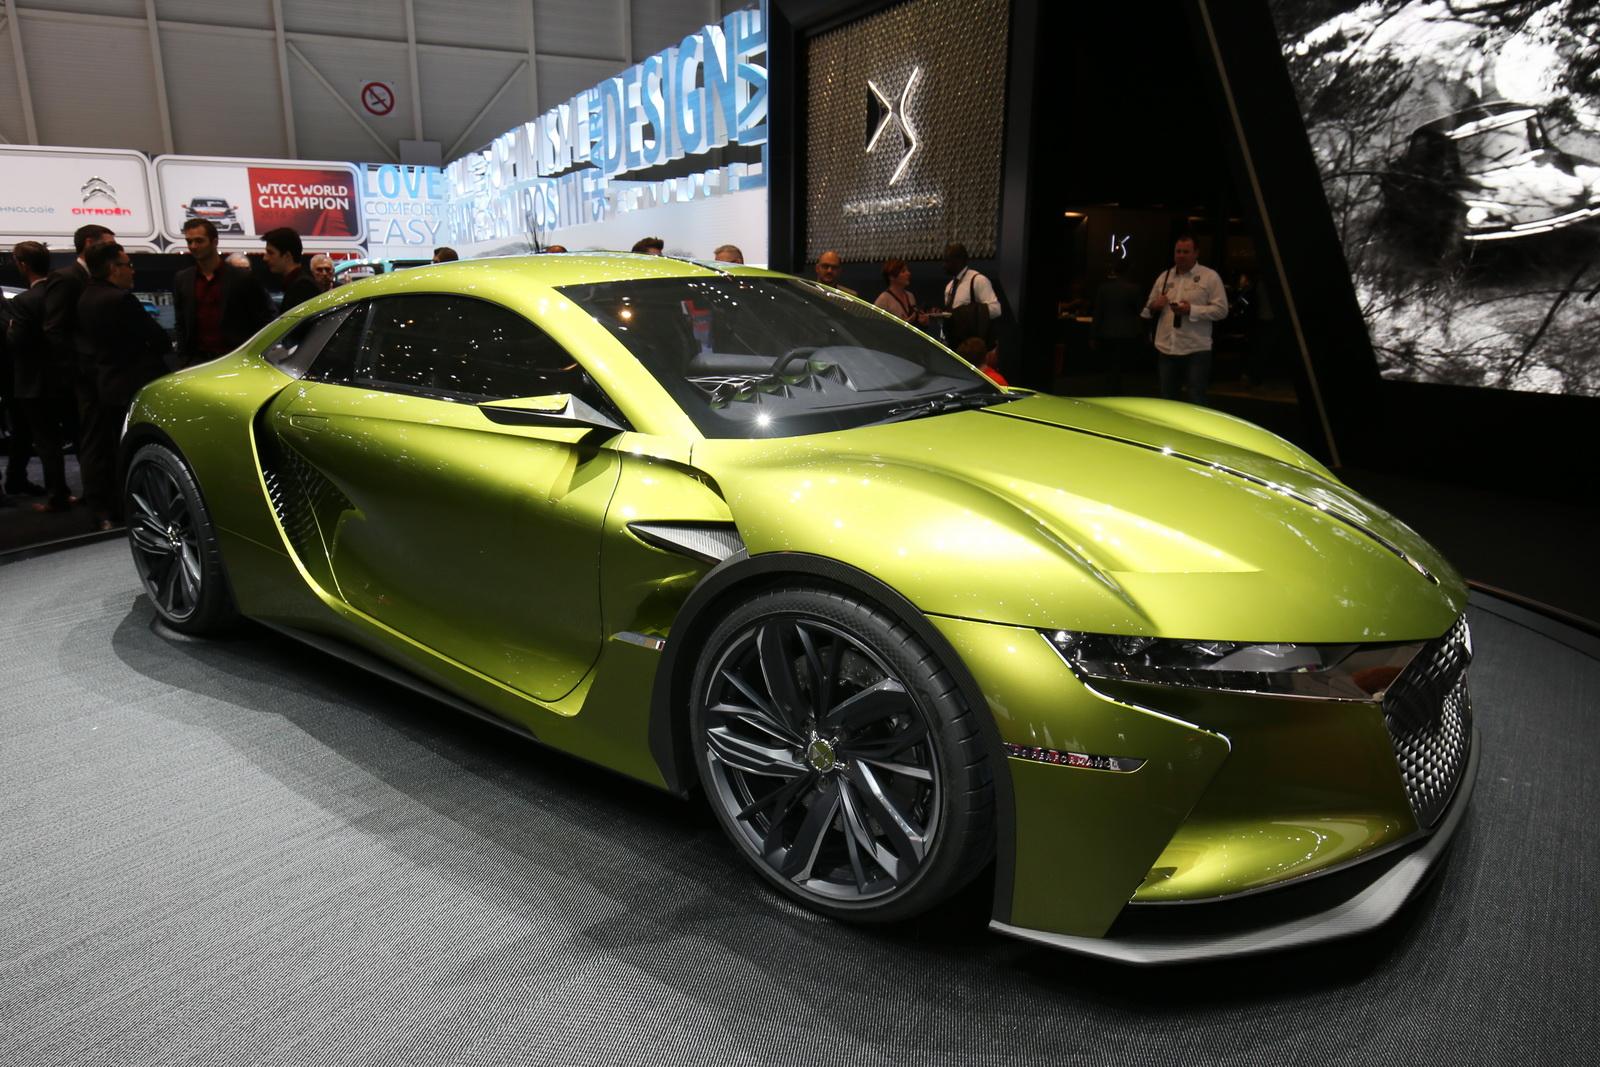 DS E-Tense Concept 2017 là mẫu xe điện đẹp nhất Geneva Motor Show năm nay?